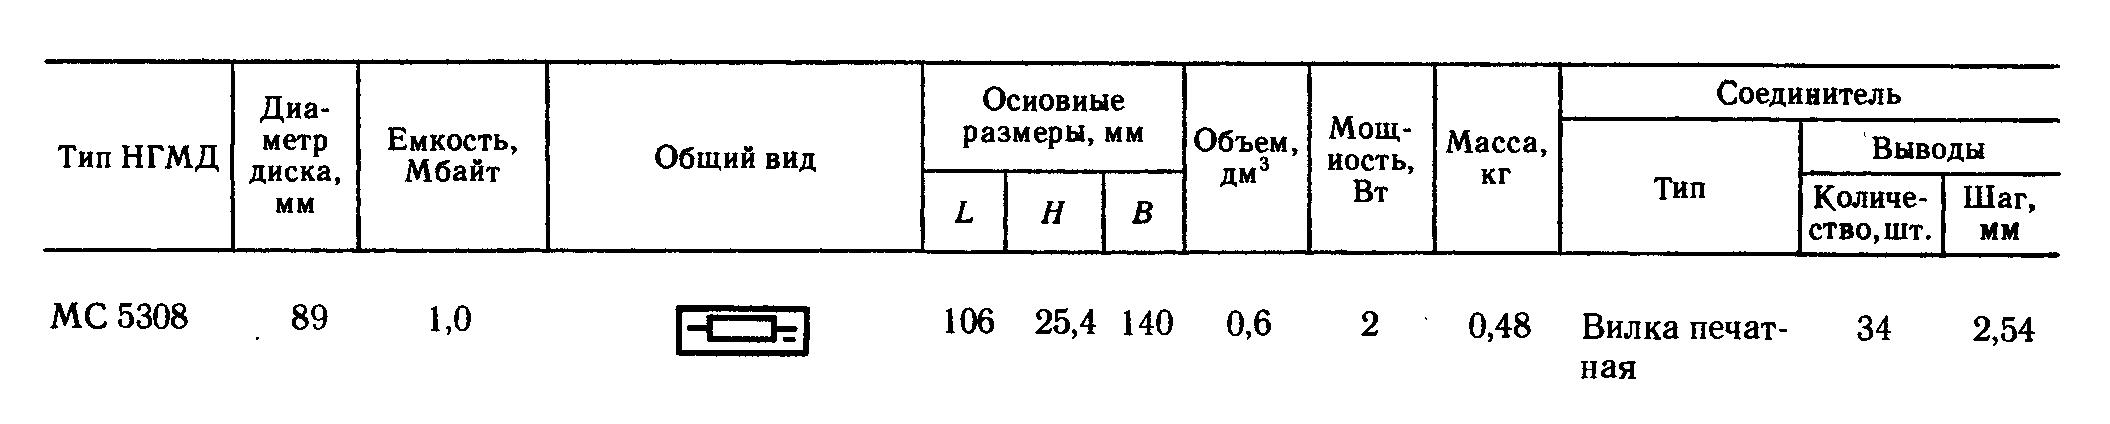 """Описание дисковода из книги """"Конструкционные системы микро- и персональных ЭВМ"""" Ф.И.Романова и В.А.Шахнова. Но, увы, на него нет даже ТУ."""